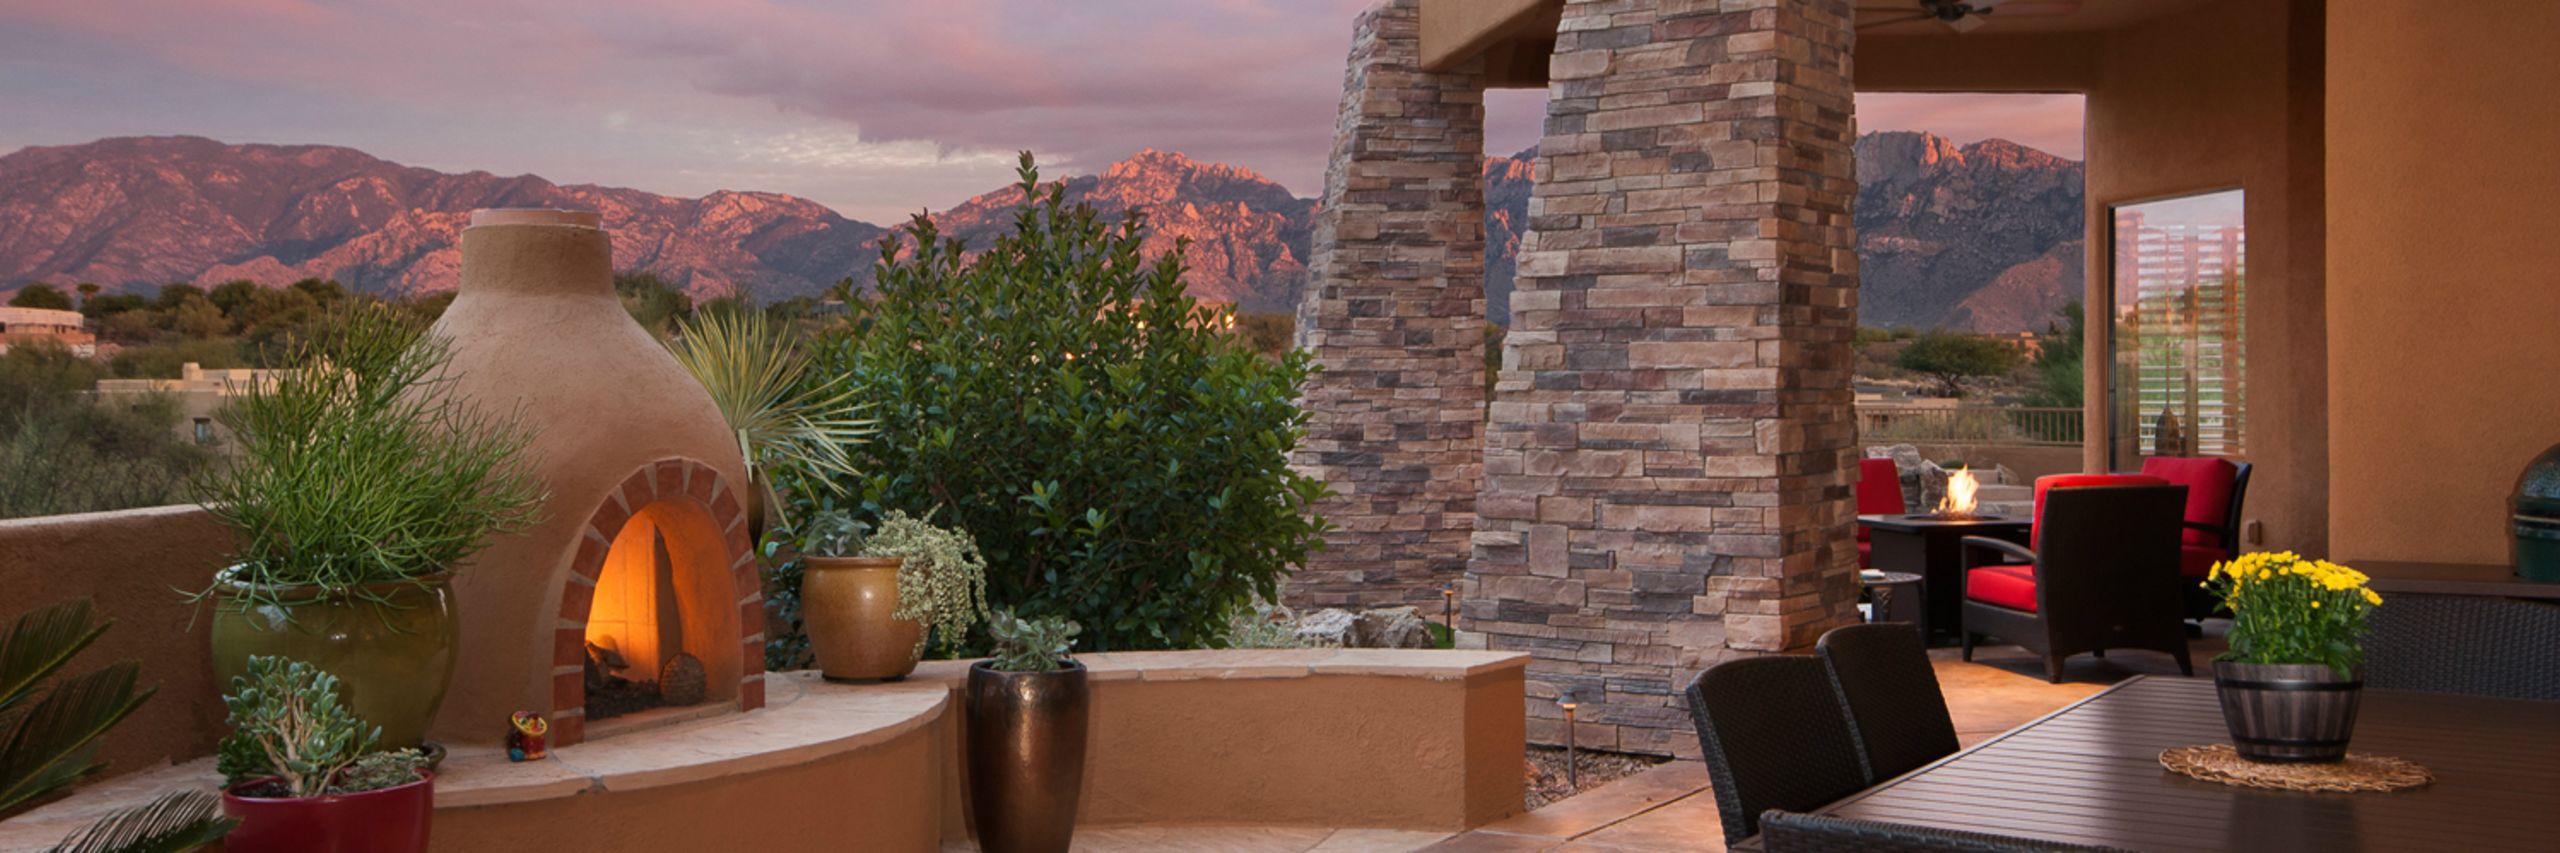 Opulent Outdoor Living